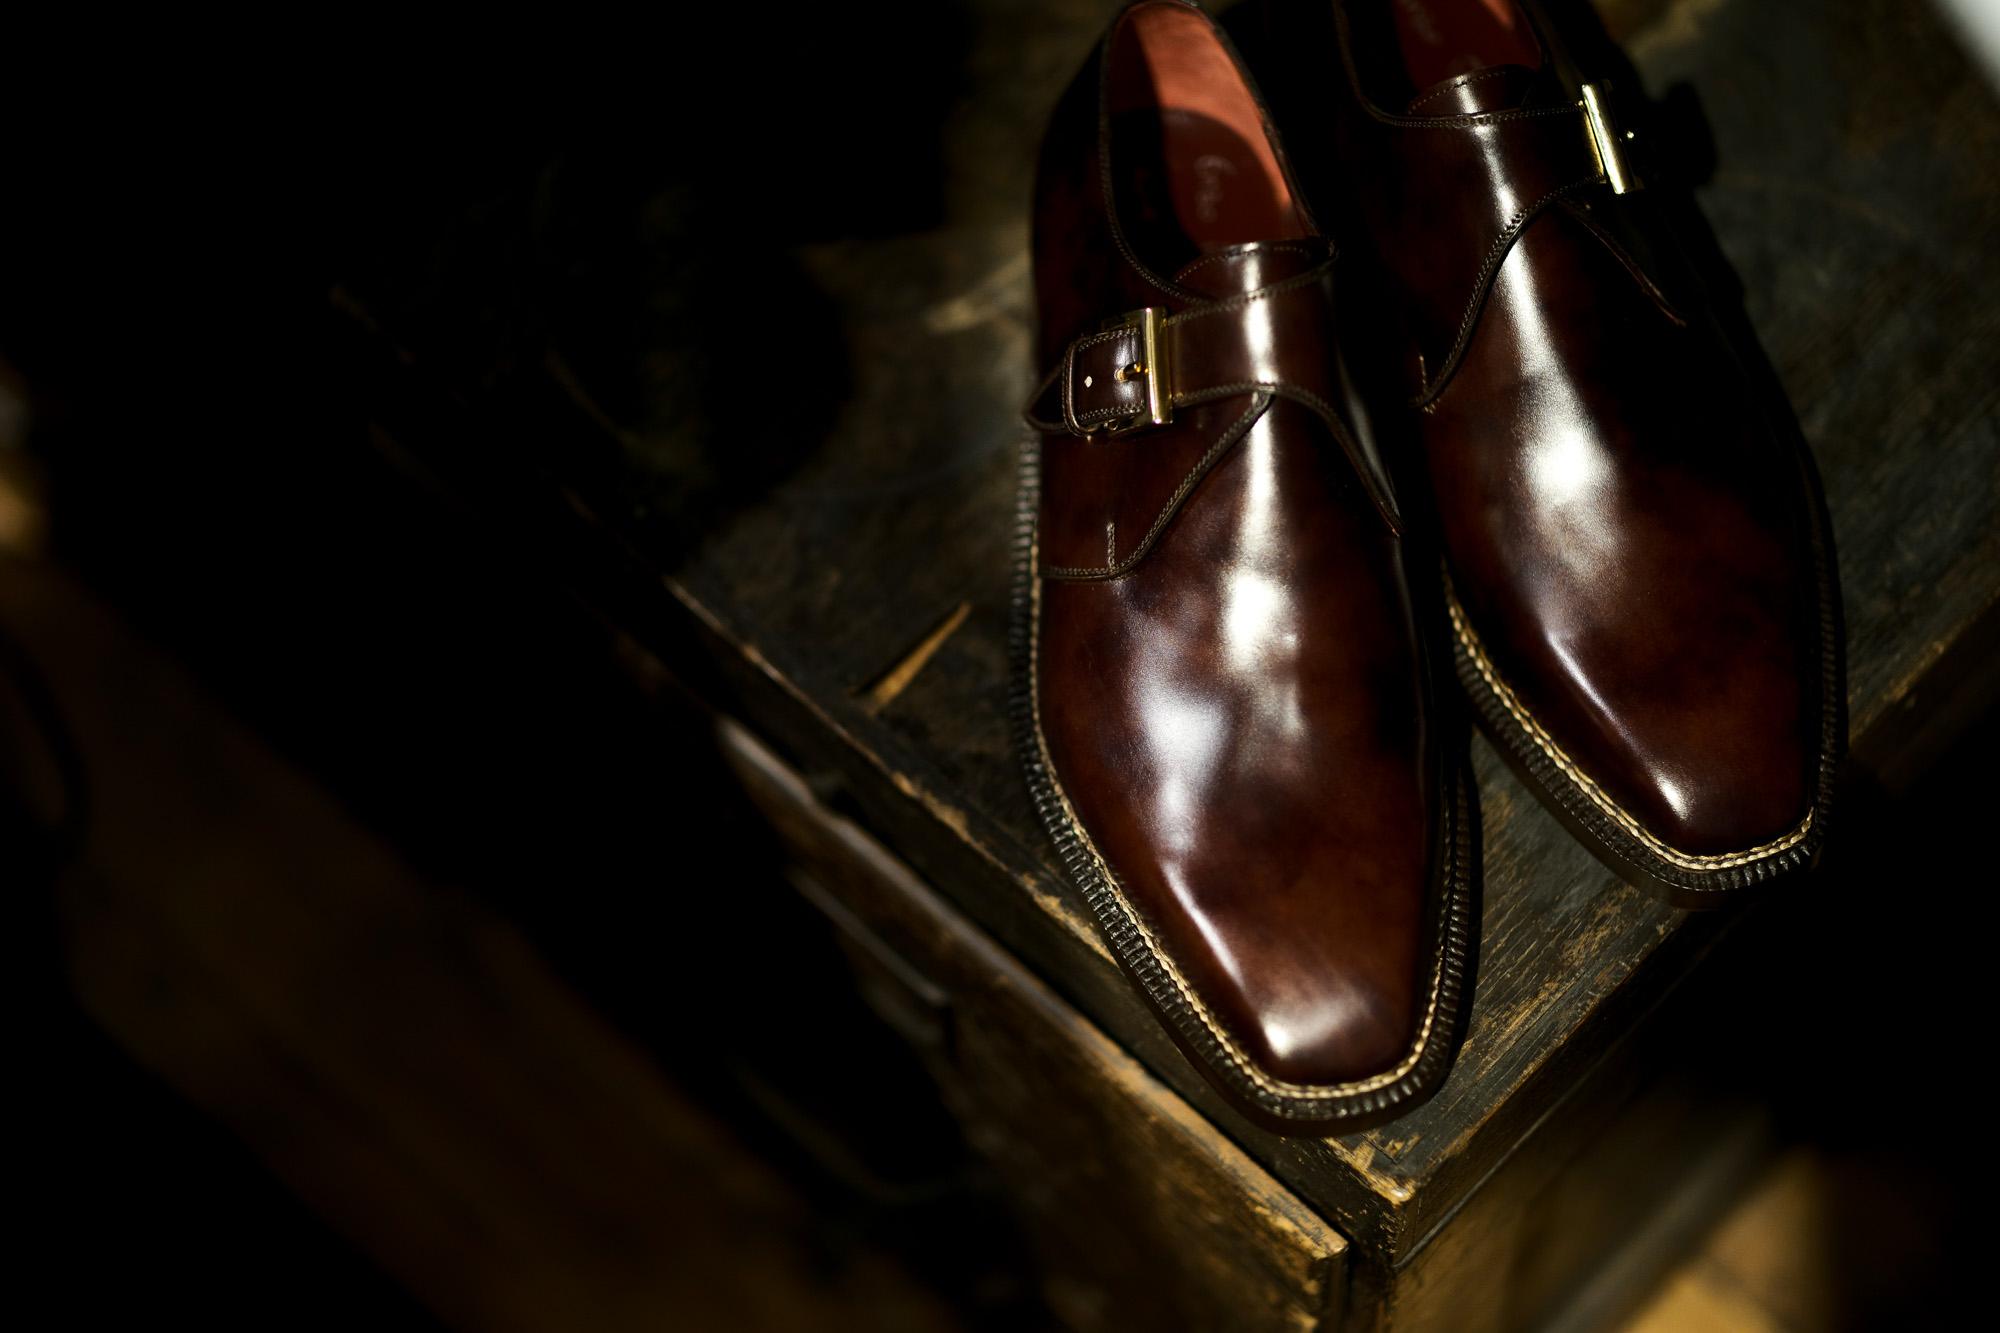 ENZO BONAFE (エンツォボナフェ) ART.3721 Single Monk Strap Shoes シングルモンクストラップシューズ MUSEUM CALF ミュージアムカーフ ドレスシューズ DARK BROWN(ダークブラウン) made in italy (イタリア製) 2021 愛知 名古屋 Alto e Diritto altoediritto アルトエデリット